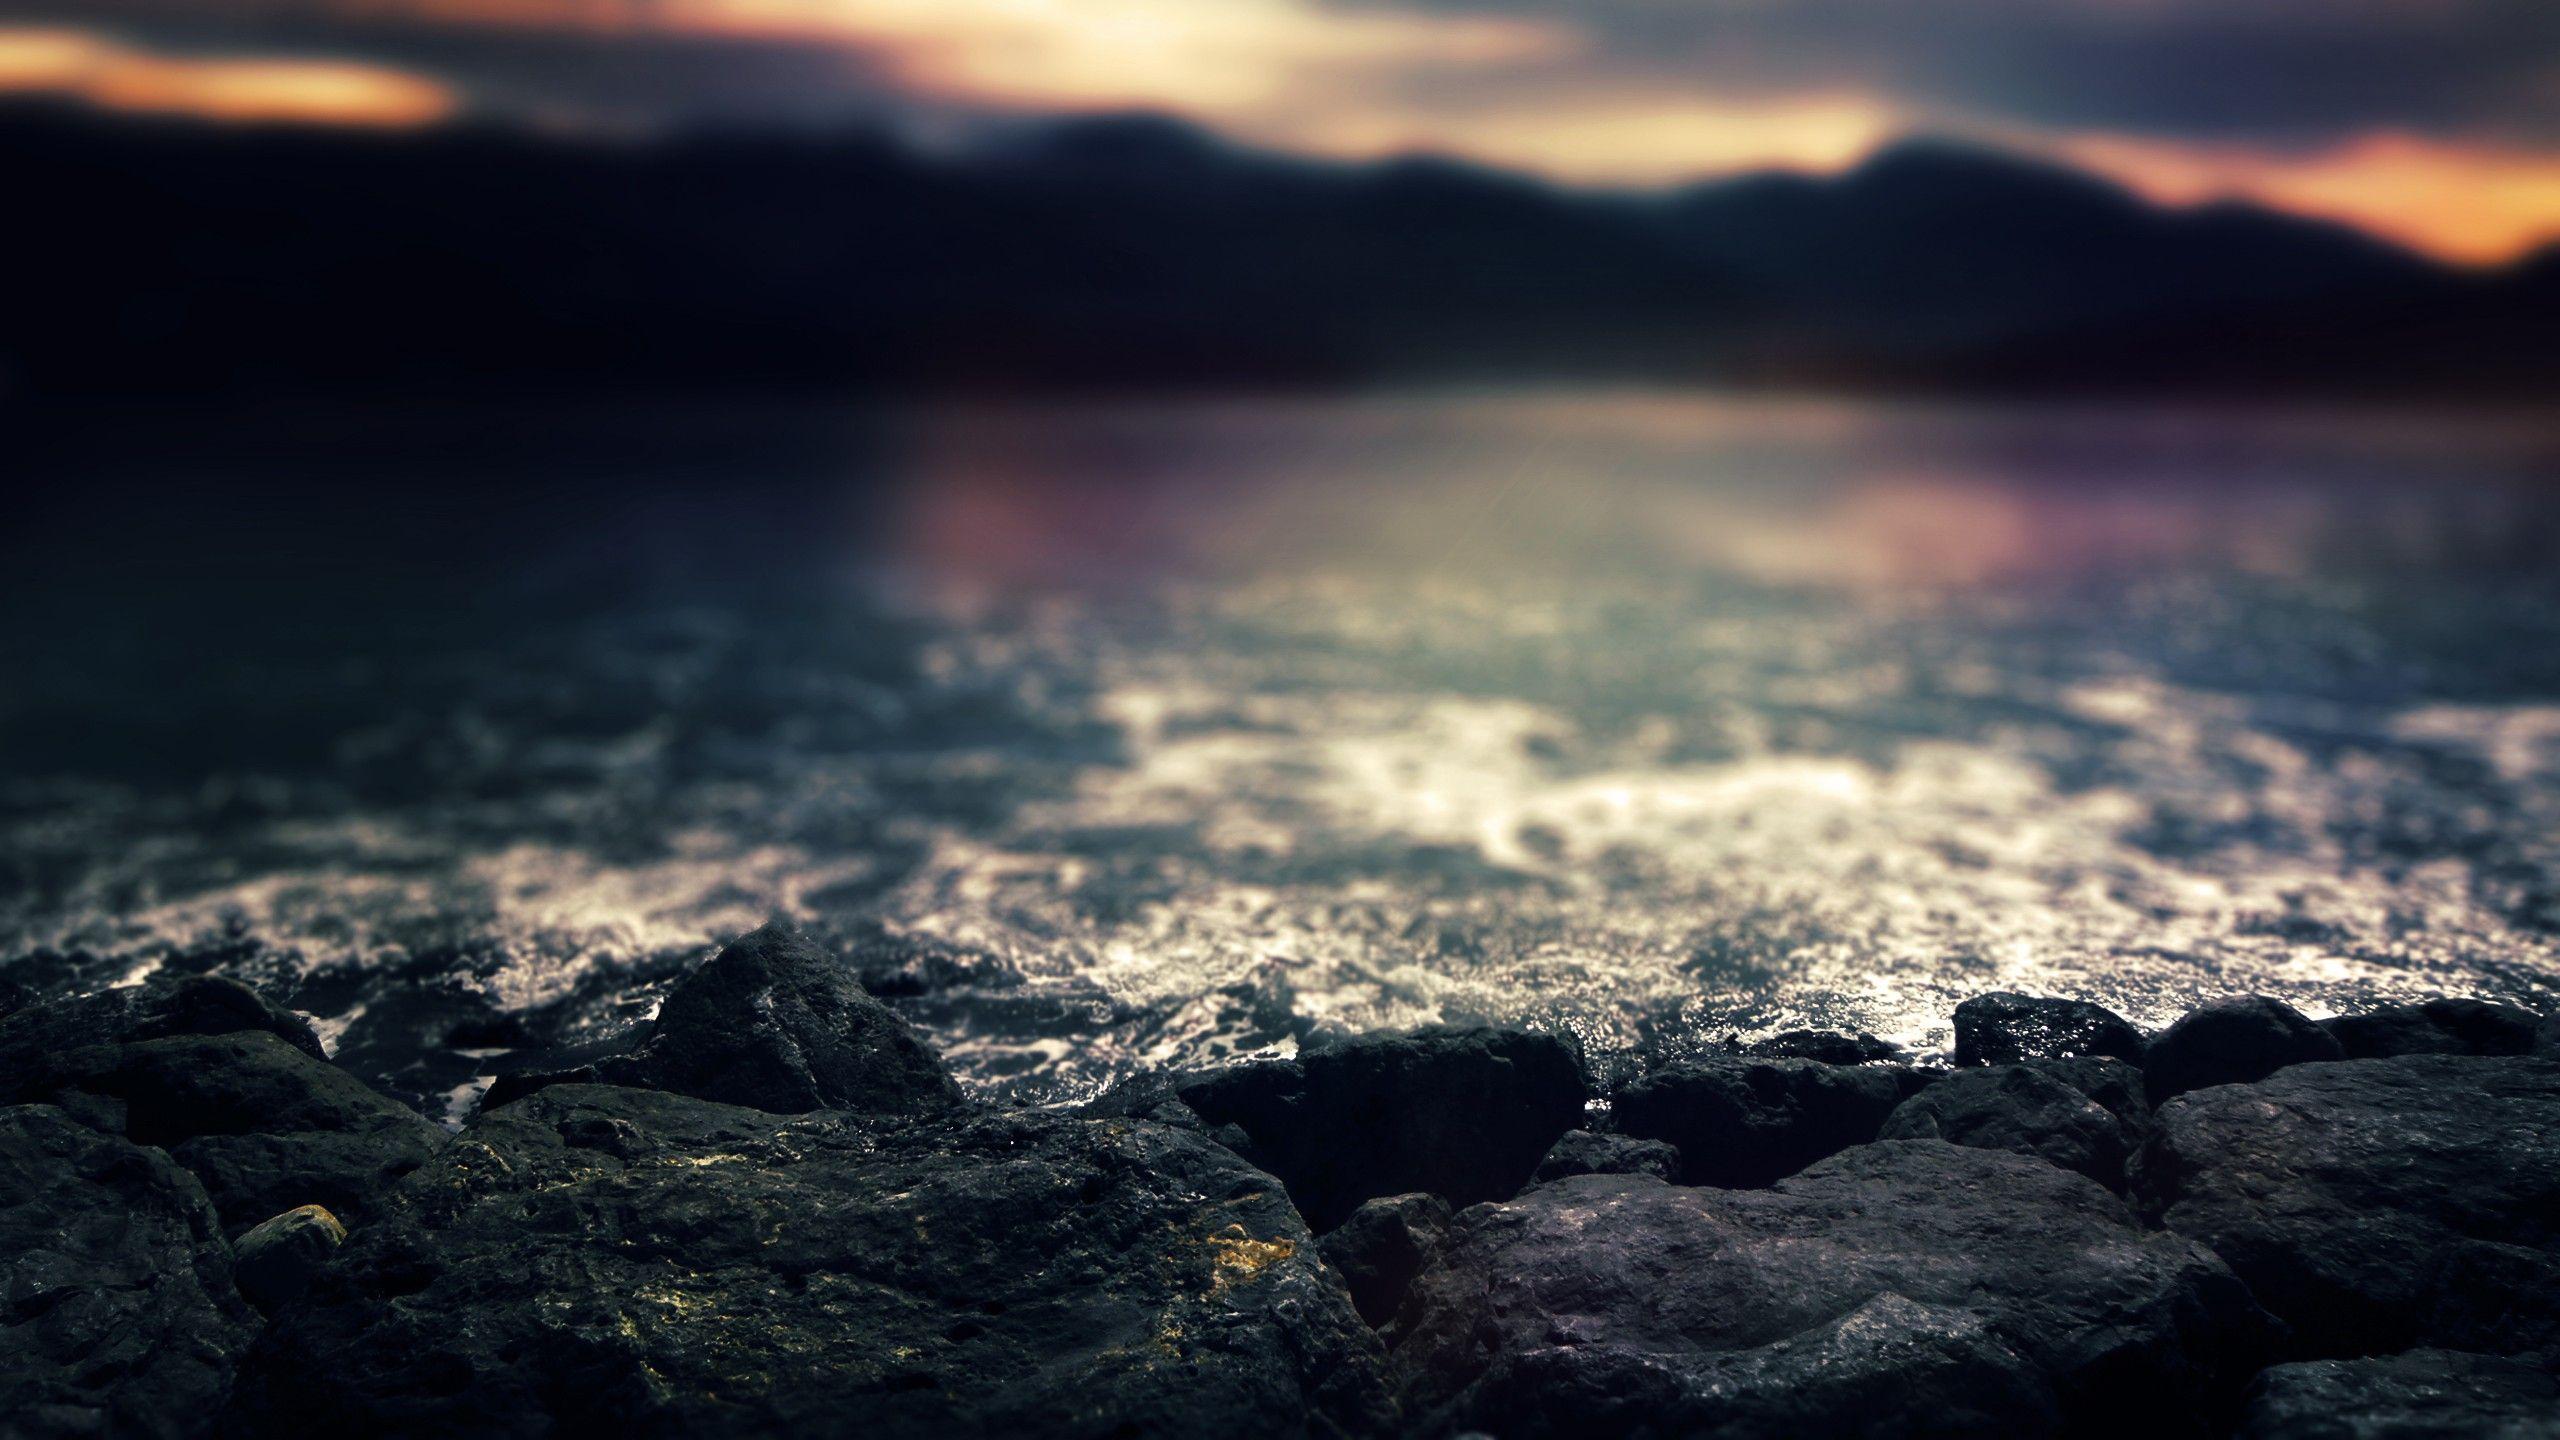 stone background image